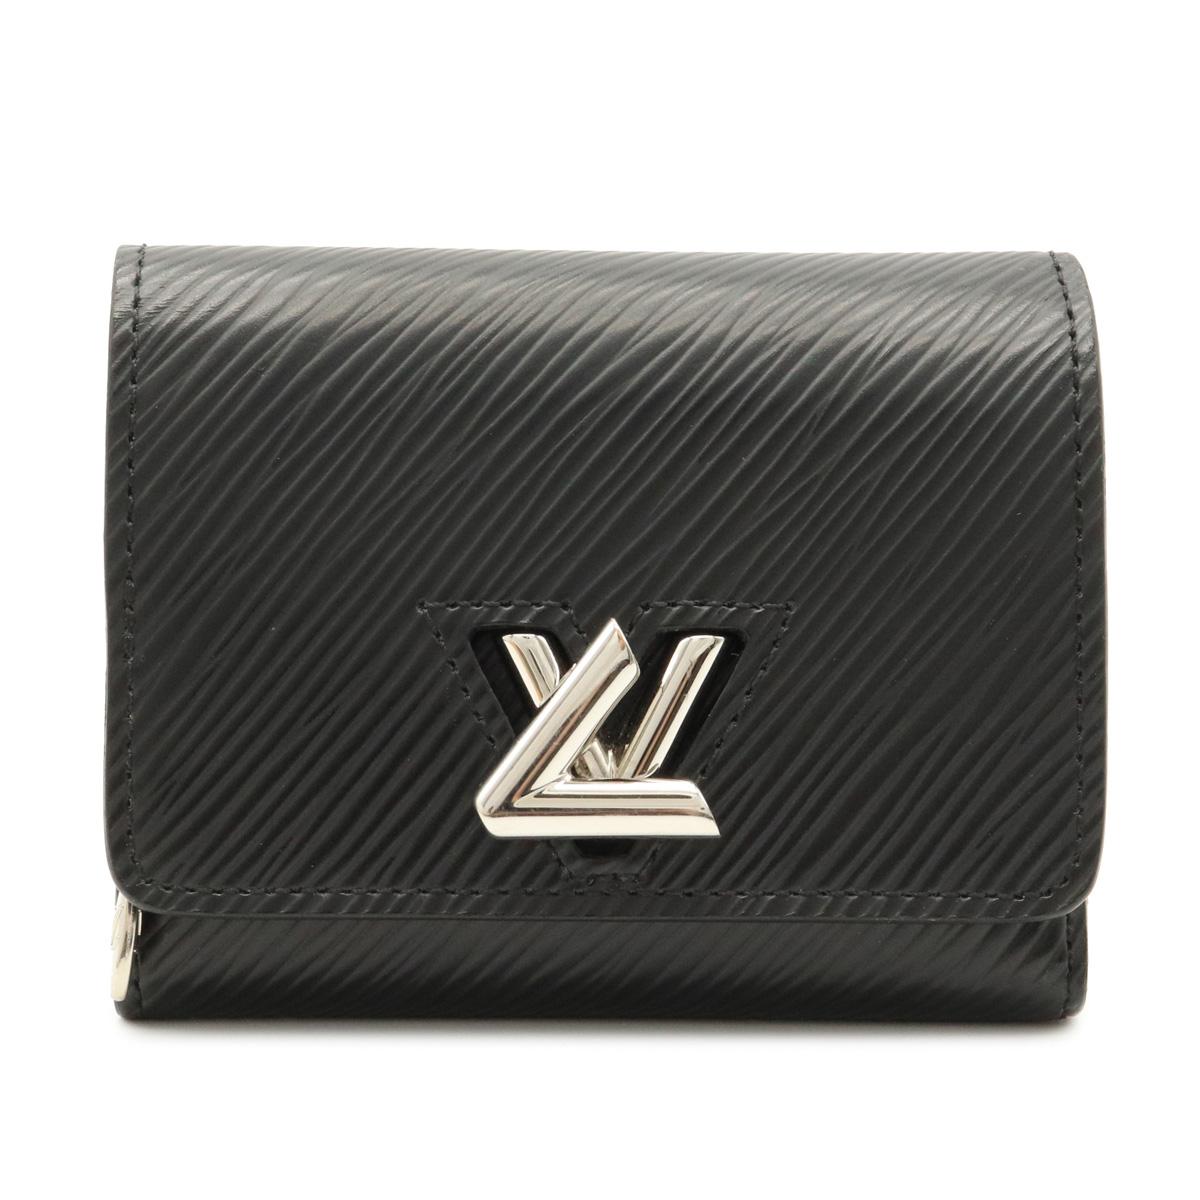 財布 LOUIS VUITTON ルイ 2020 新作 ヴィトン エピ ポルトフォイユ ツイスト コンパクト ブラック 黒 中古 XS 三つ折り財布 3つ折り財布 レザー M63322 ノワール 公式ショップ